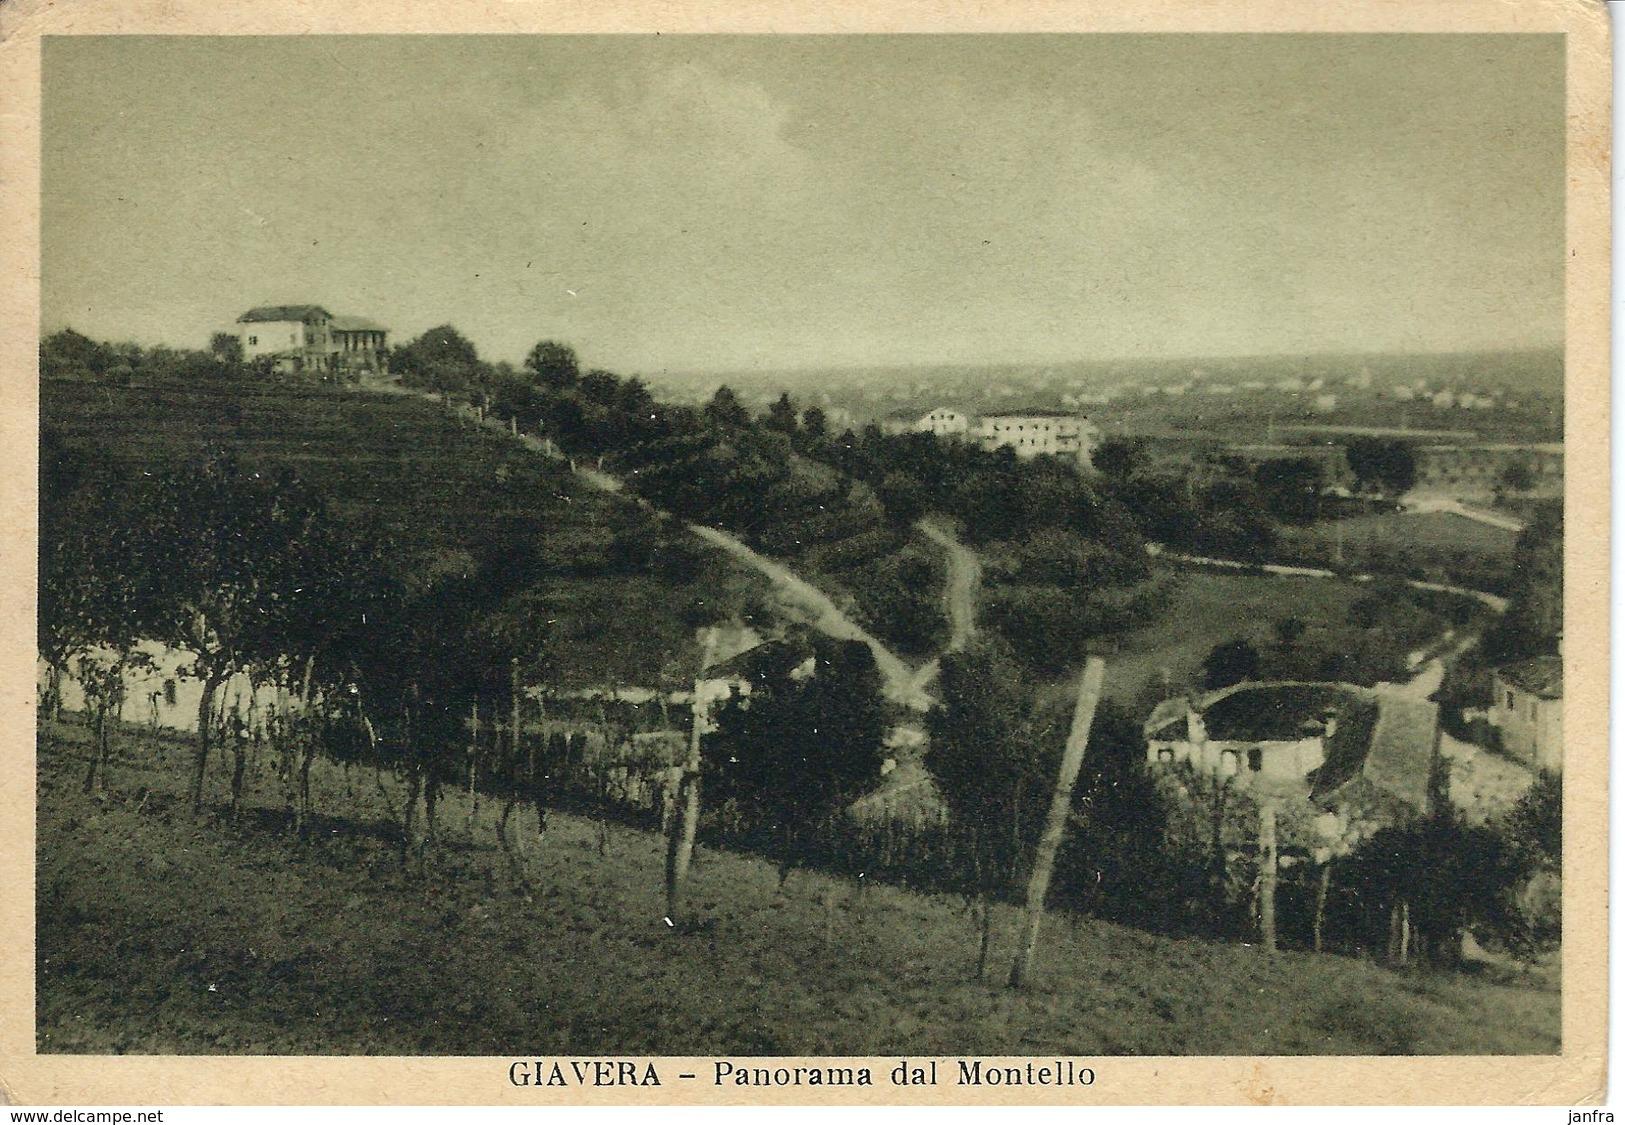 GIAVERA - PANORAMA DAL MONTELLO - Treviso